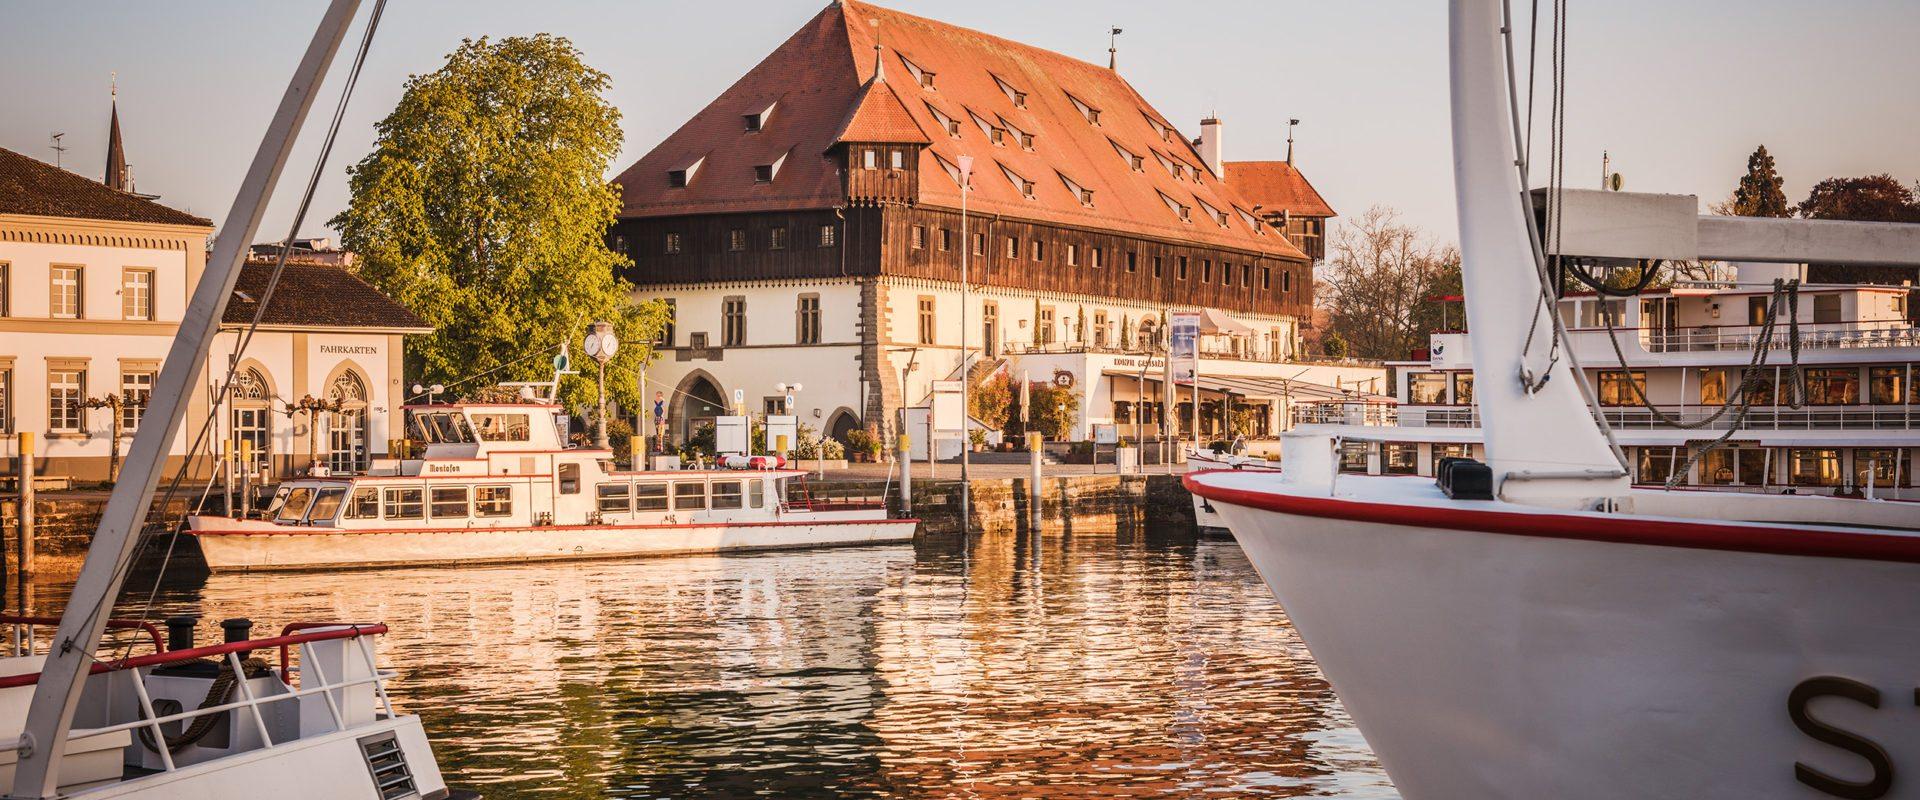 Konstanz_Hafen_Konzil_Marketing & Tourismus KonstanzSchwelle